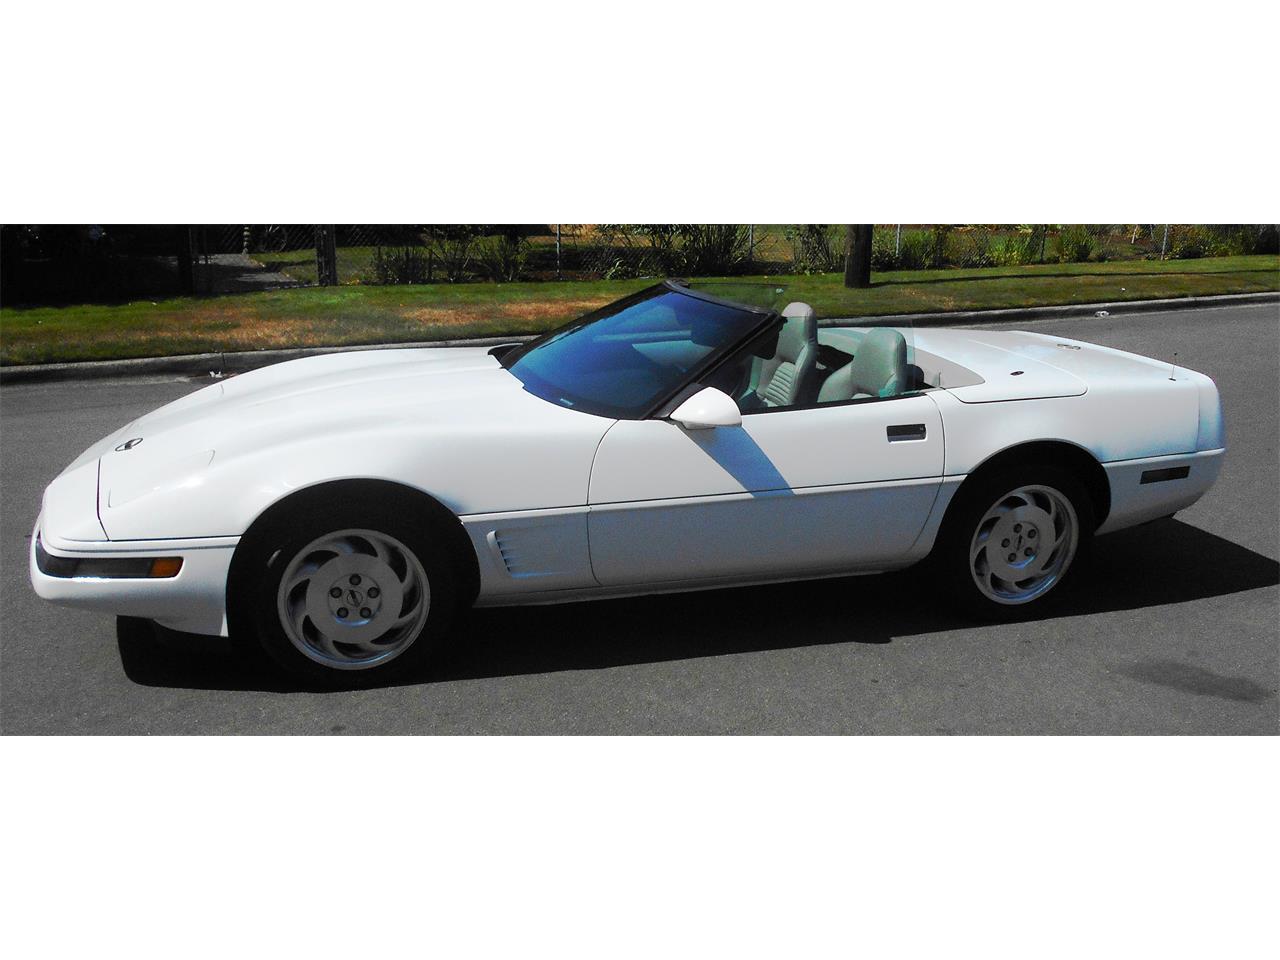 1995 Chevrolet Corvette (CC-1013267) for sale in Tacoma, Washington